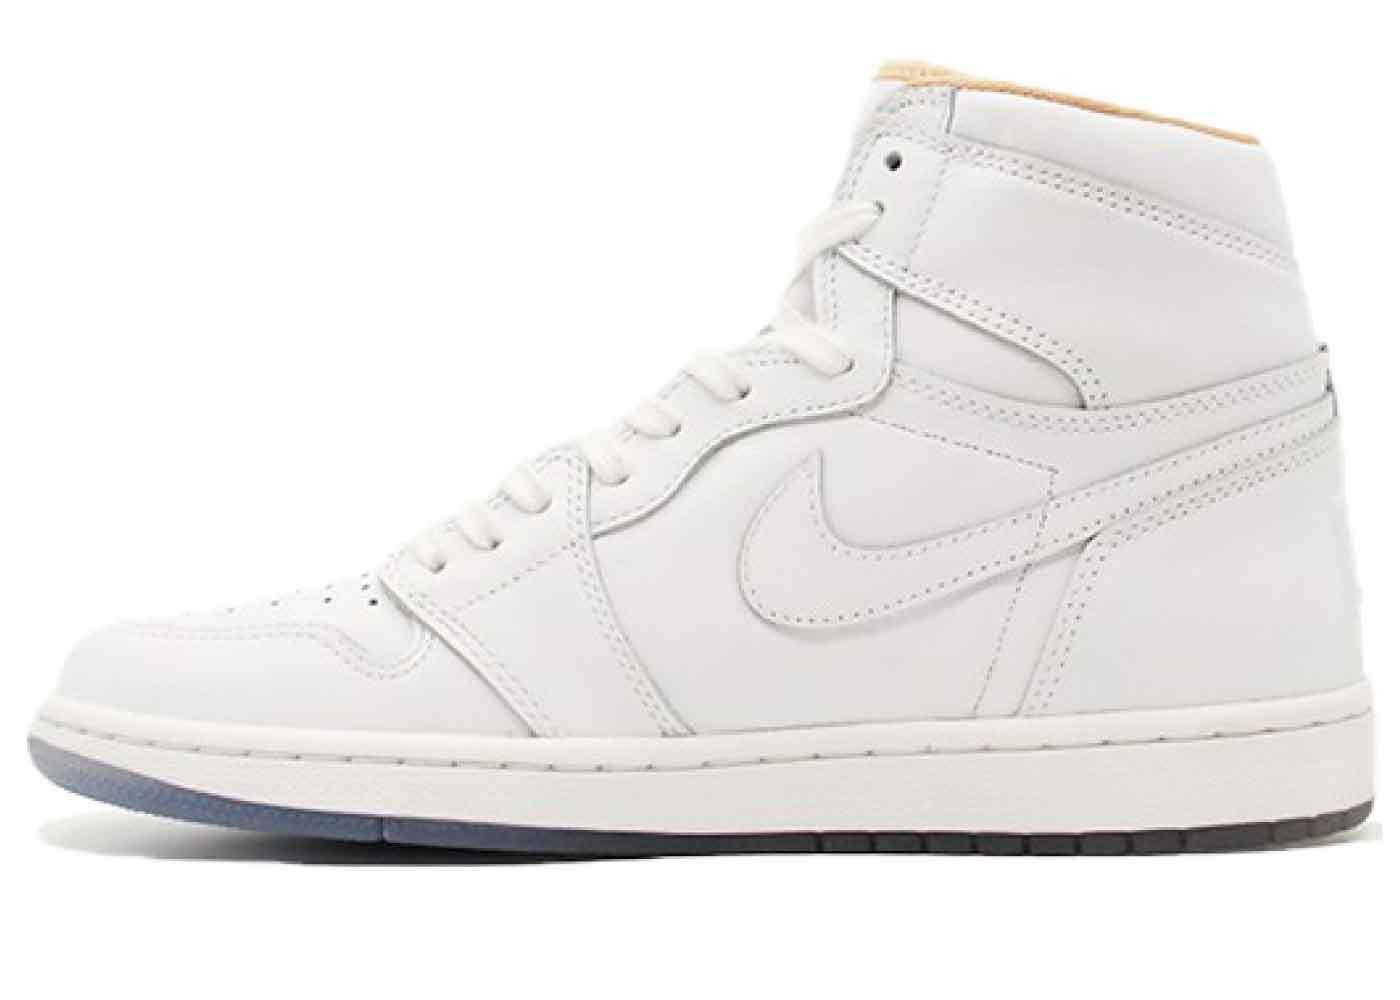 Nike Air Jordan 1 Retro LAの写真